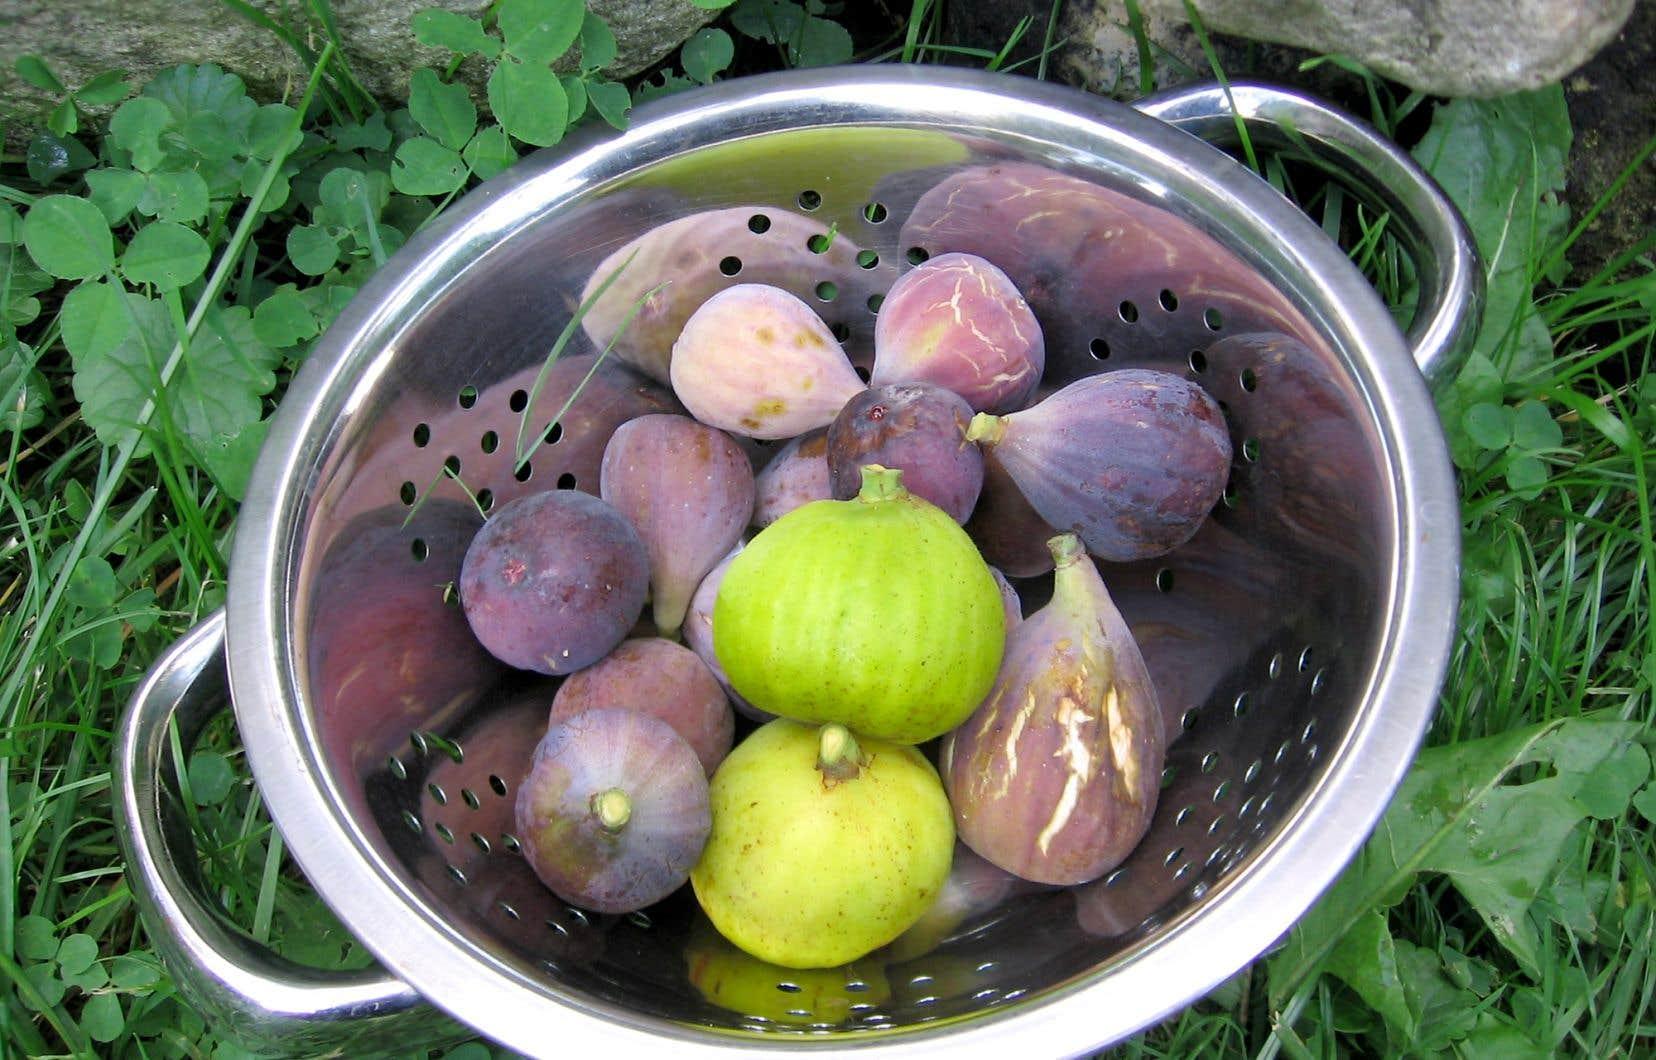 Le passionné des figues Dany Bonneau tient une trentaine de cultivars, qu'il a sélectionnés pour leur qualité gustative et leur productivité. Leur diversité étonne: on retrouve des figues noires, des brunes, des vertes, des petites, des grosses, à chair ambre, rose ou blanche, au goût sucré ou très sucré, en forme de poire ou standard.